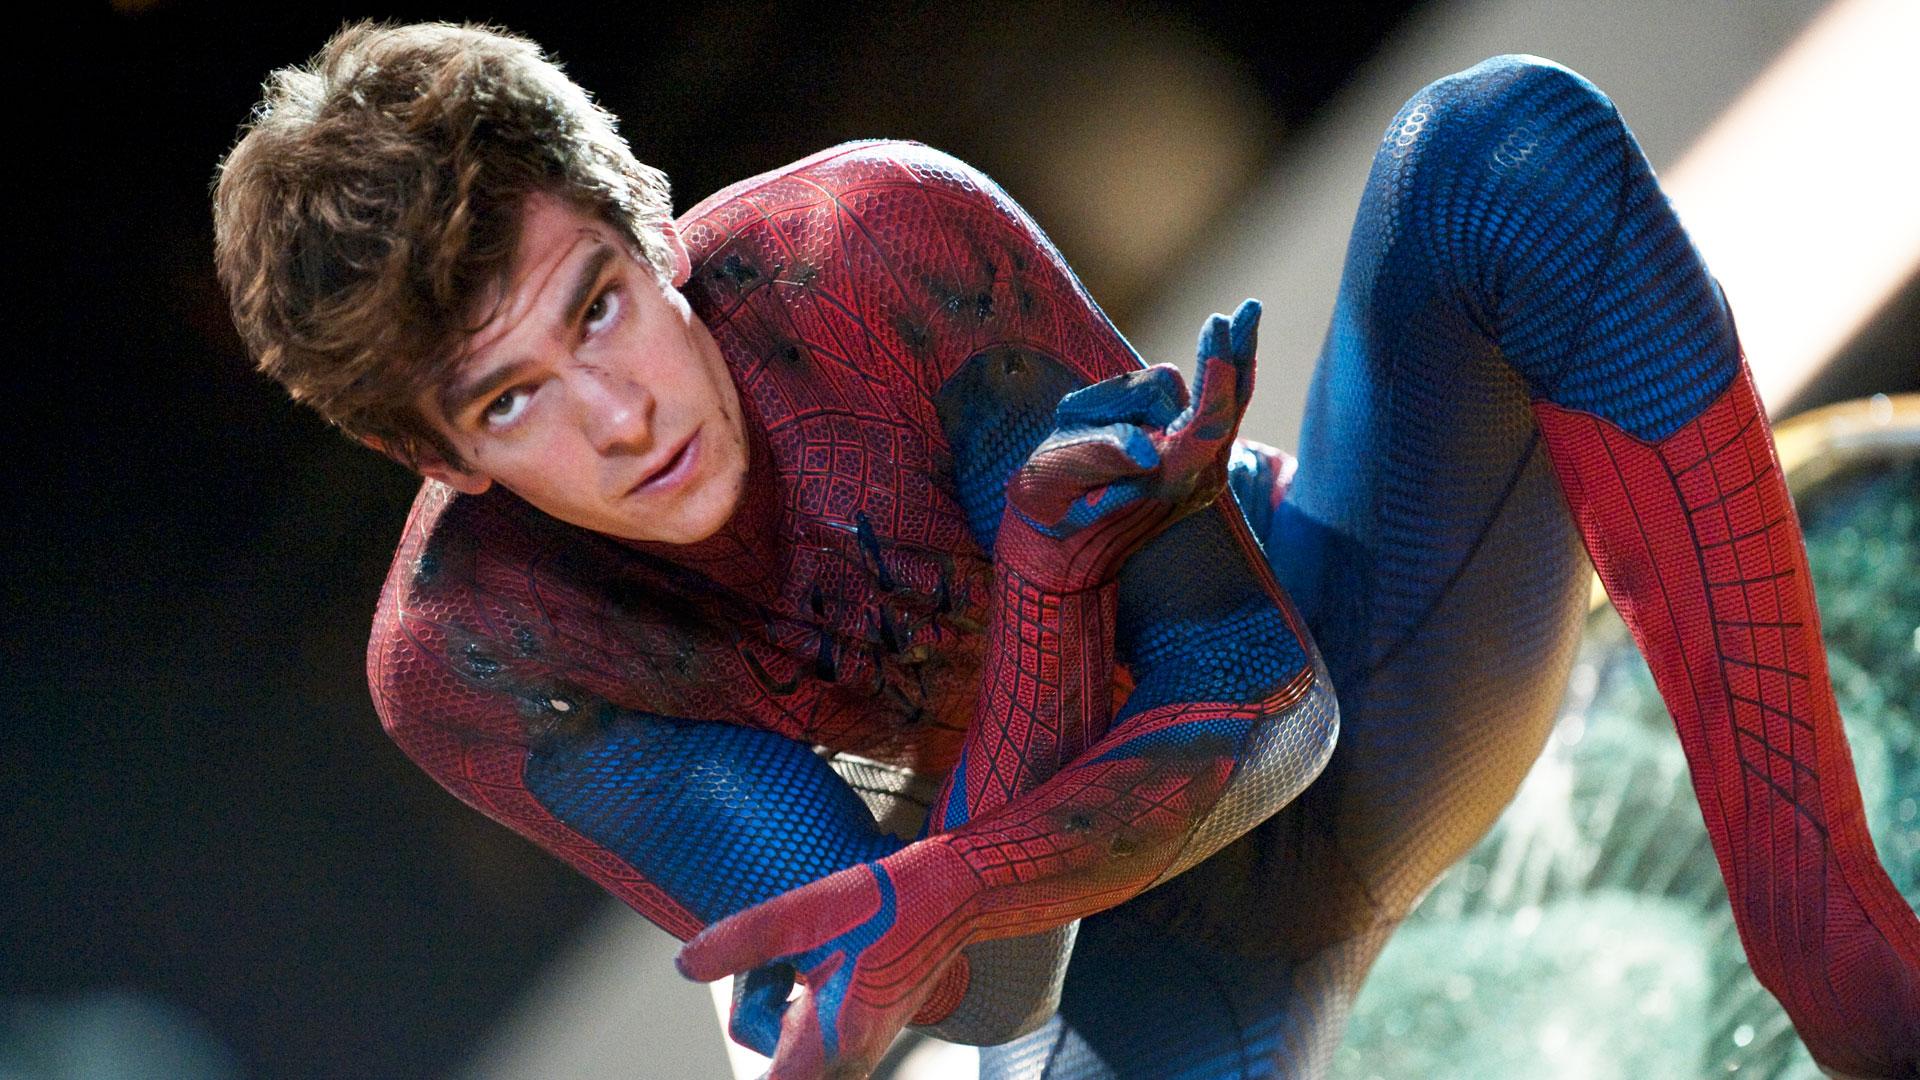 Homem-Aranha: No Way Home | Andrew Garfield responde rumores sobre seu retorno